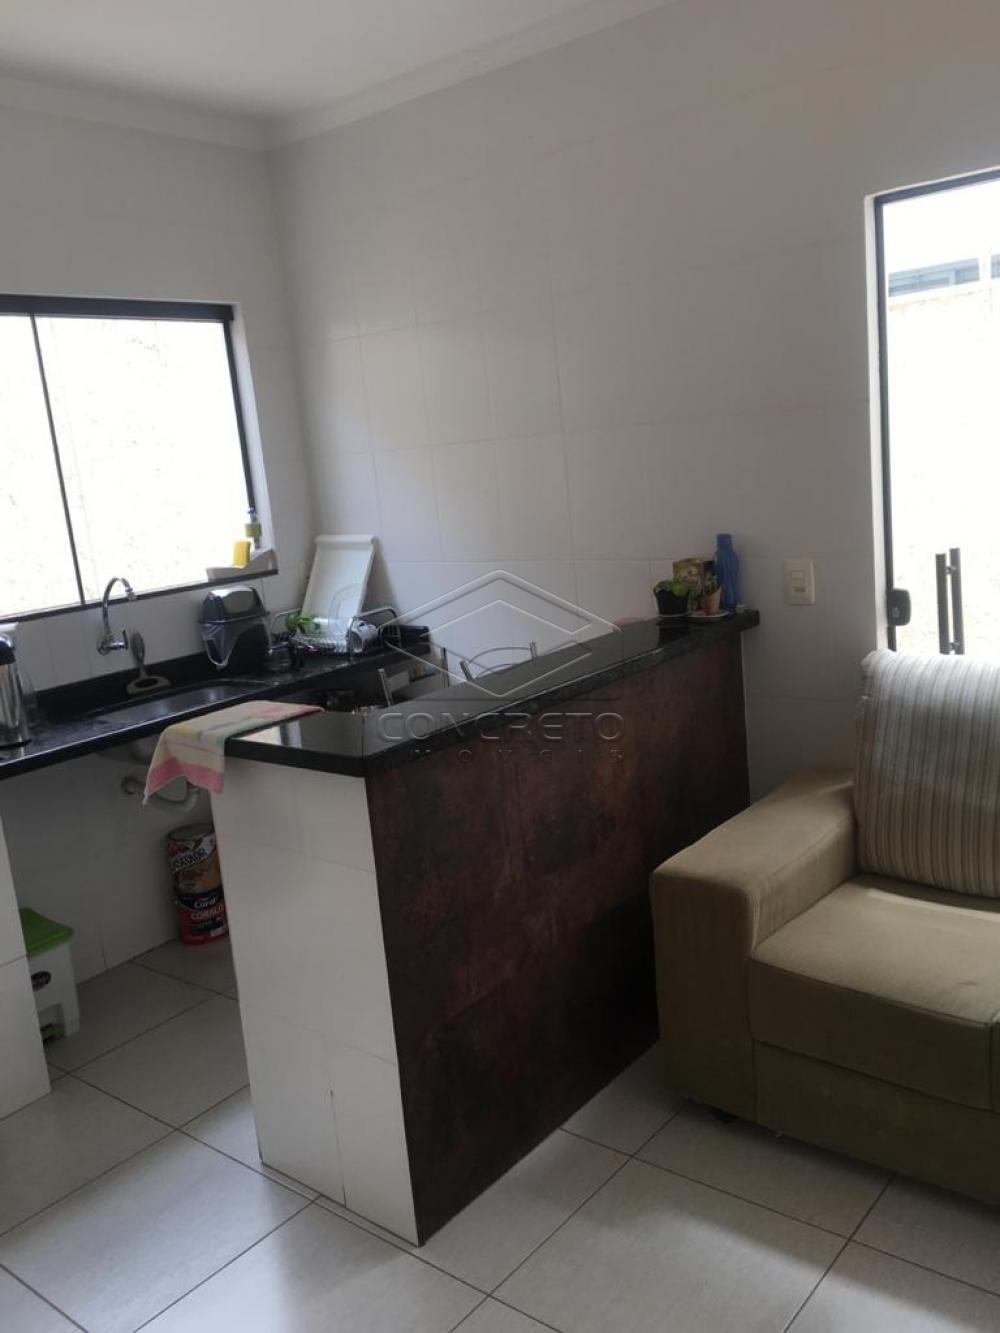 Alugar Casa / Comercial em Bauru apenas R$ 4.500,00 - Foto 5